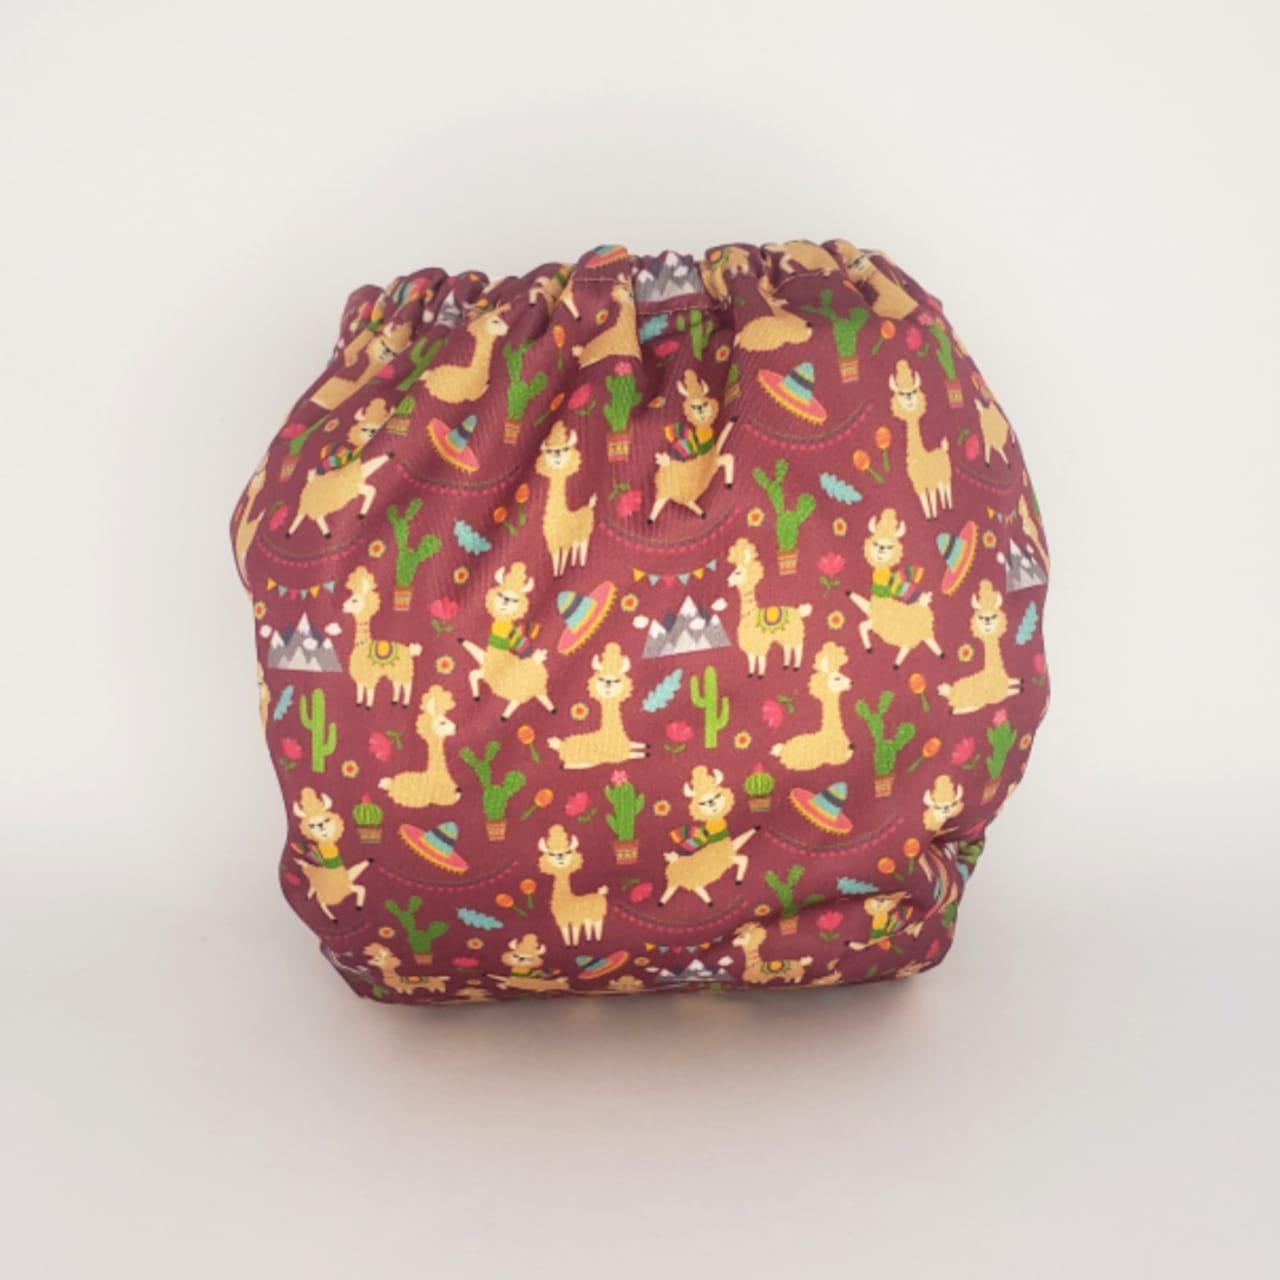 Fralda Ecológica Diurna de  Bolso (Pocket) com 2 absorventes  - Lhama